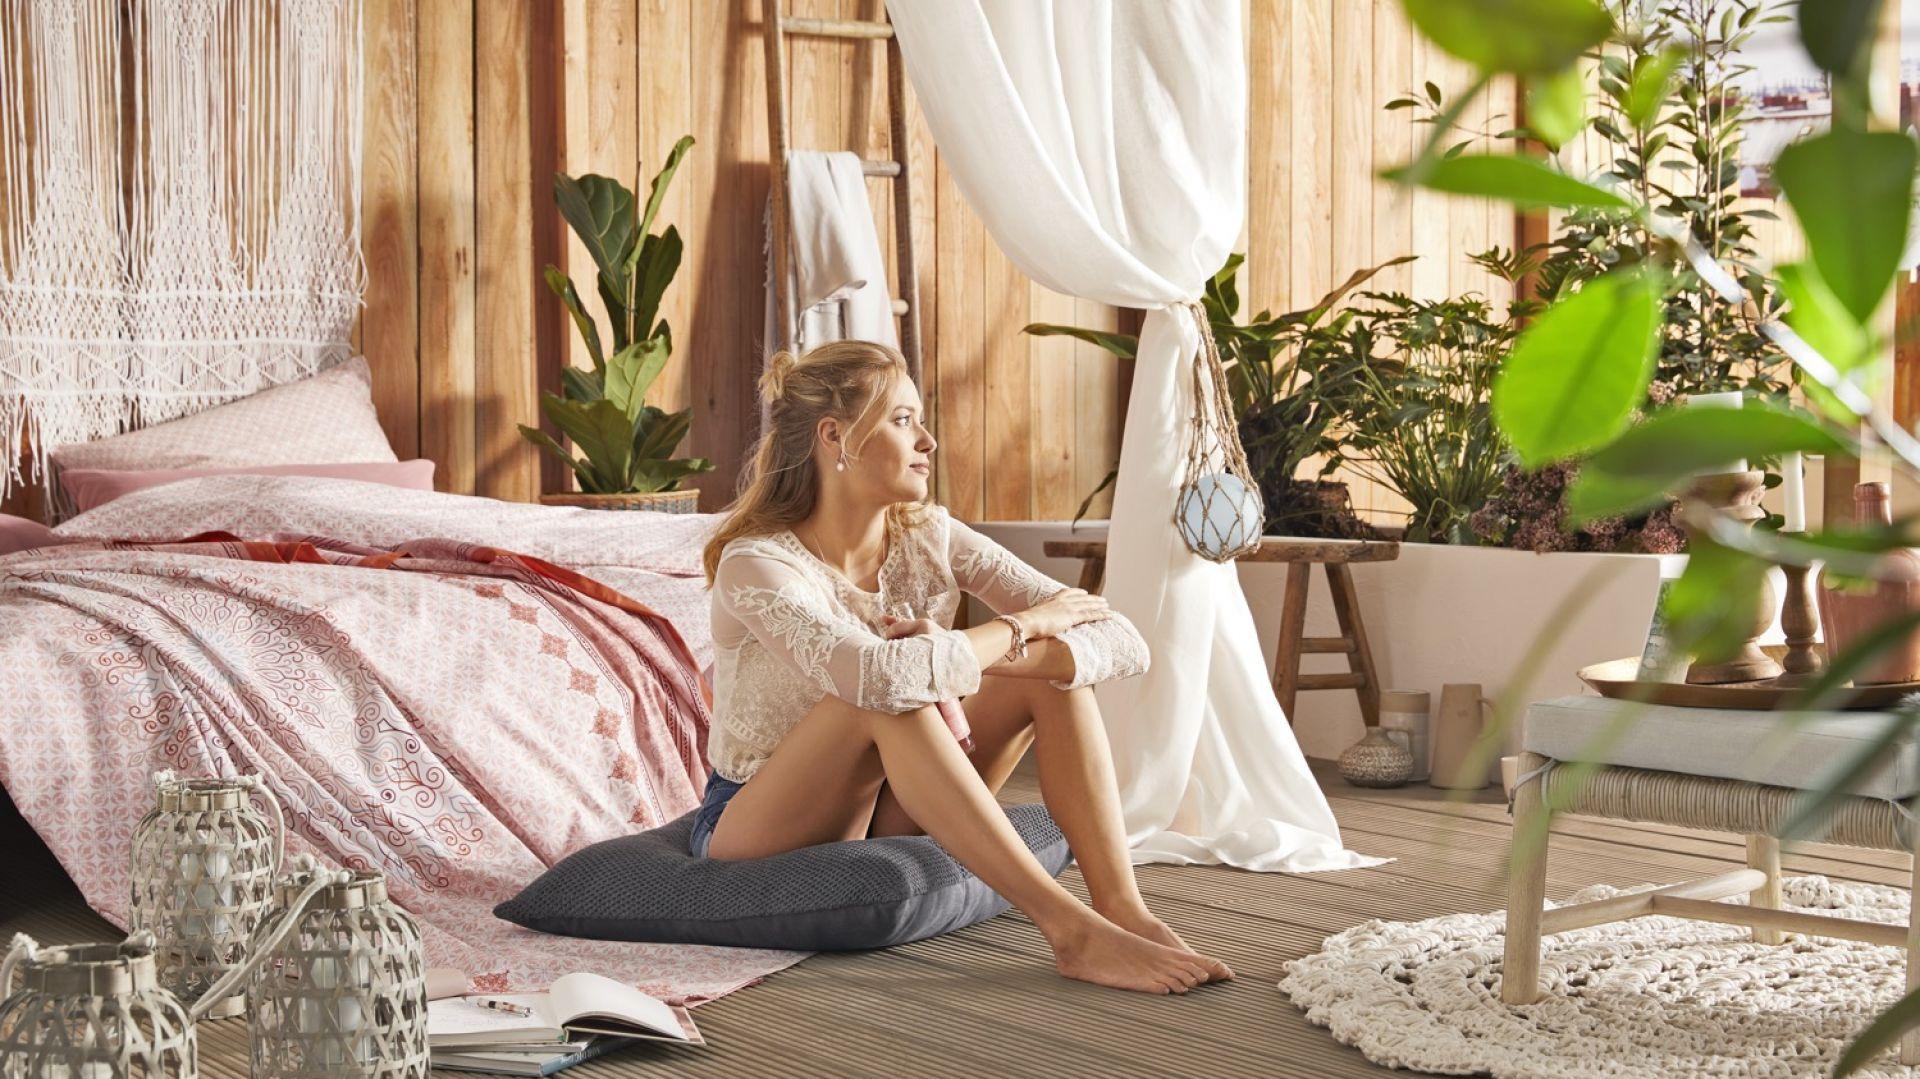 Tekstylia i dodatki do sypialni z kolekcji Lato w domu. Fot. Tchibo